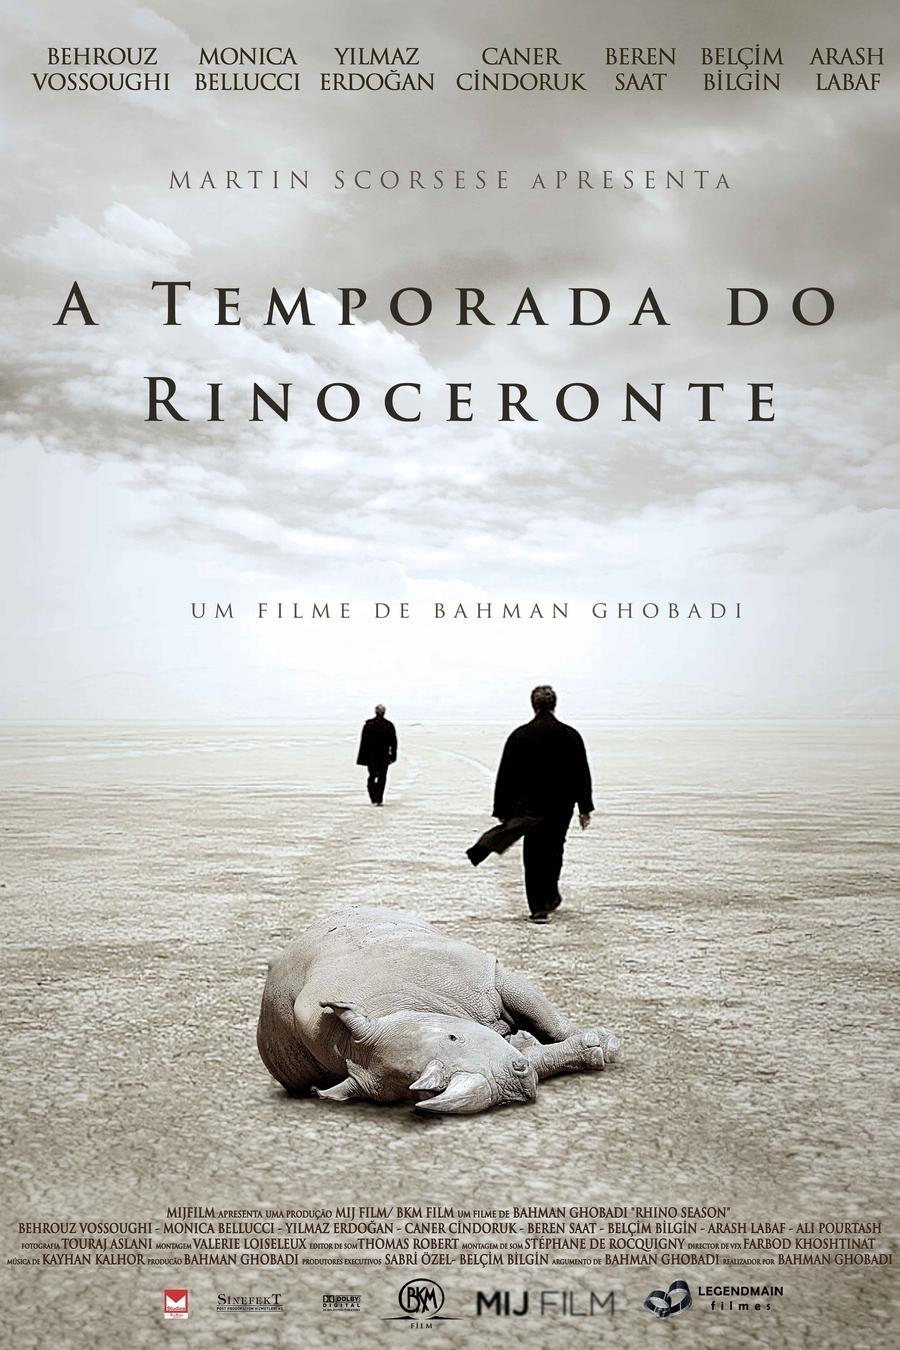 A Temporada do Rinoceronte